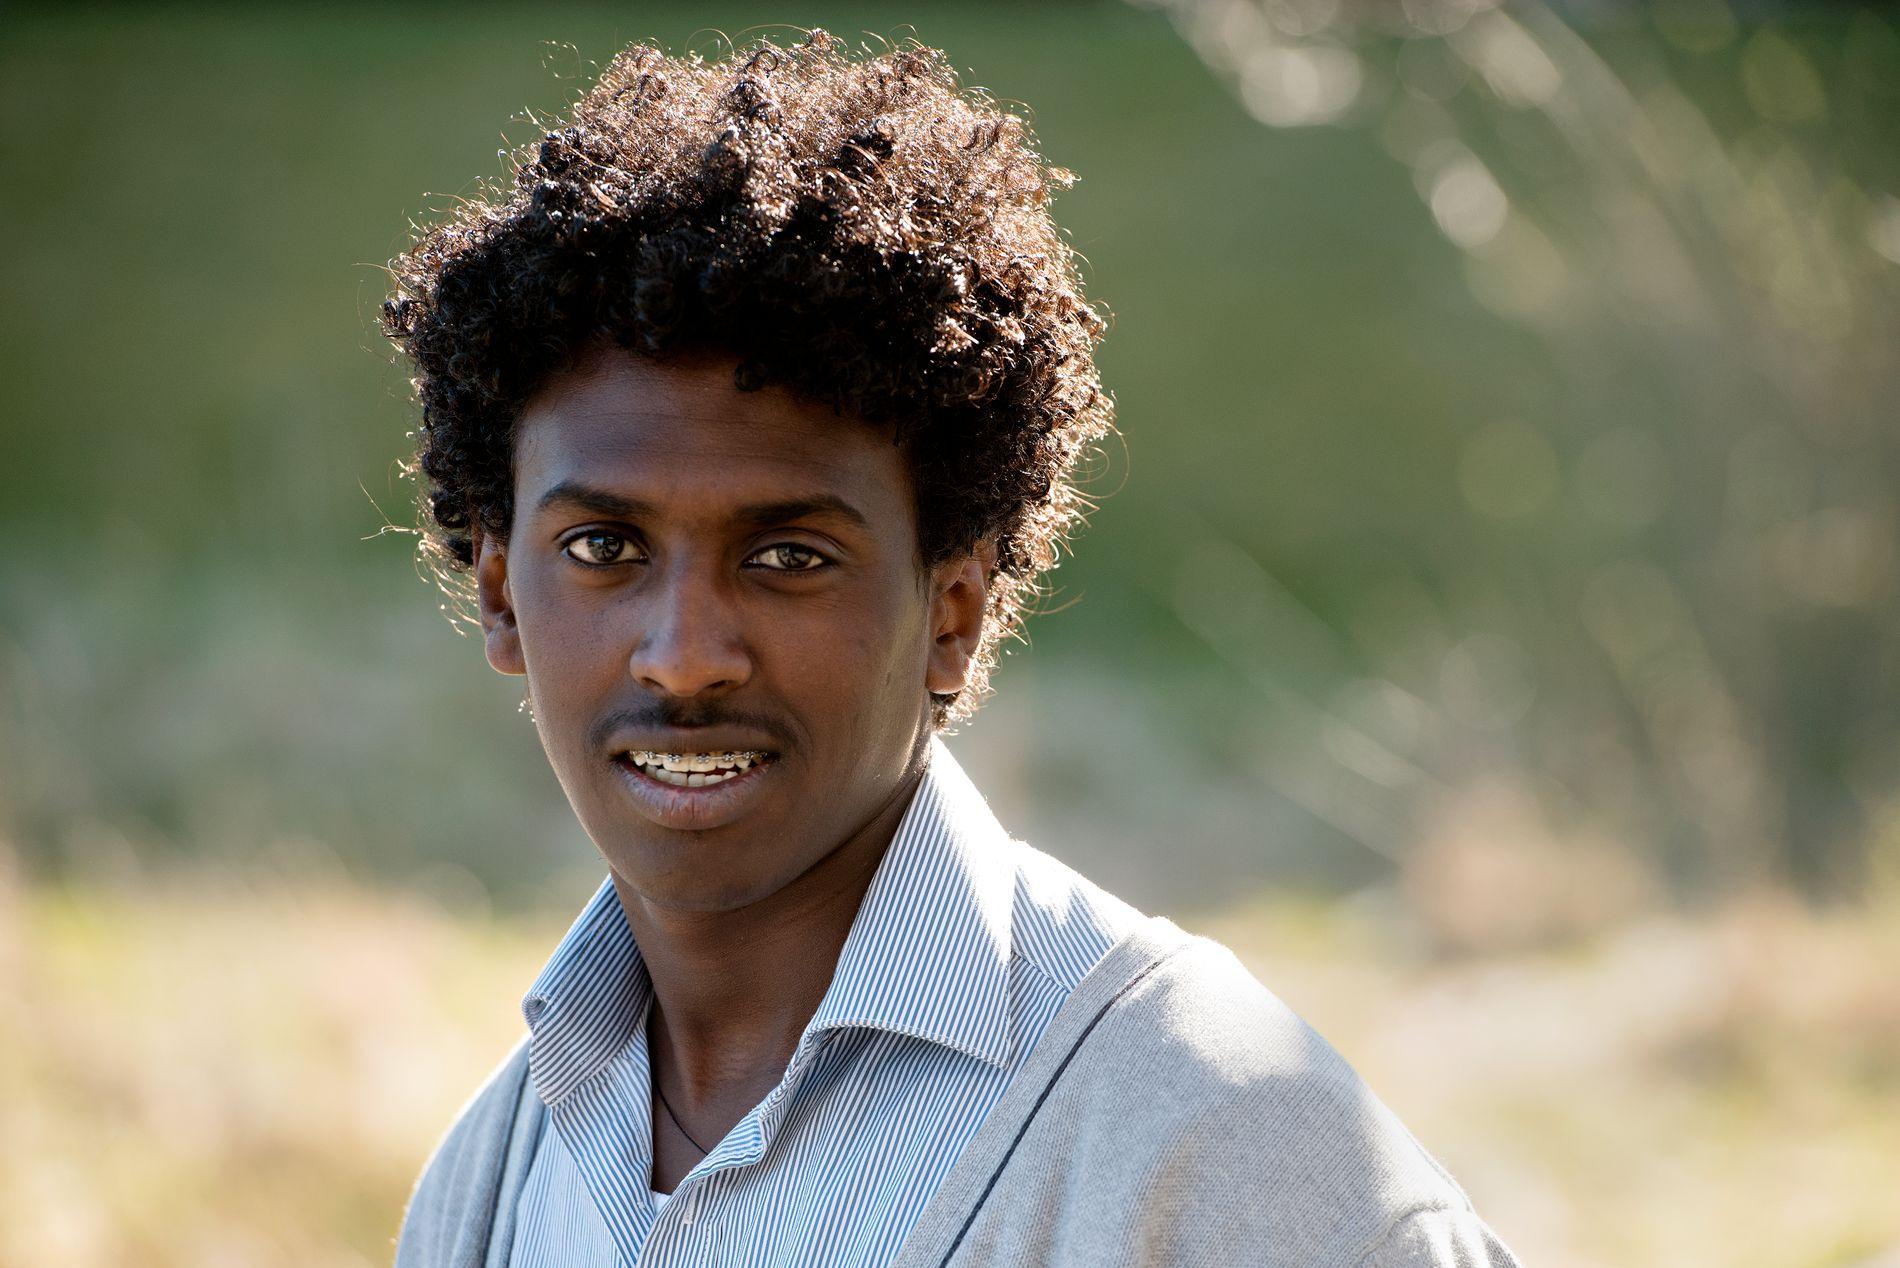 MEST NORSK: Når jeg spiller fotball med norske ungdommer snakker jeg så mye norsk som jeg kan. Da føler jeg meg mest norsk, skriver Dawit (17).